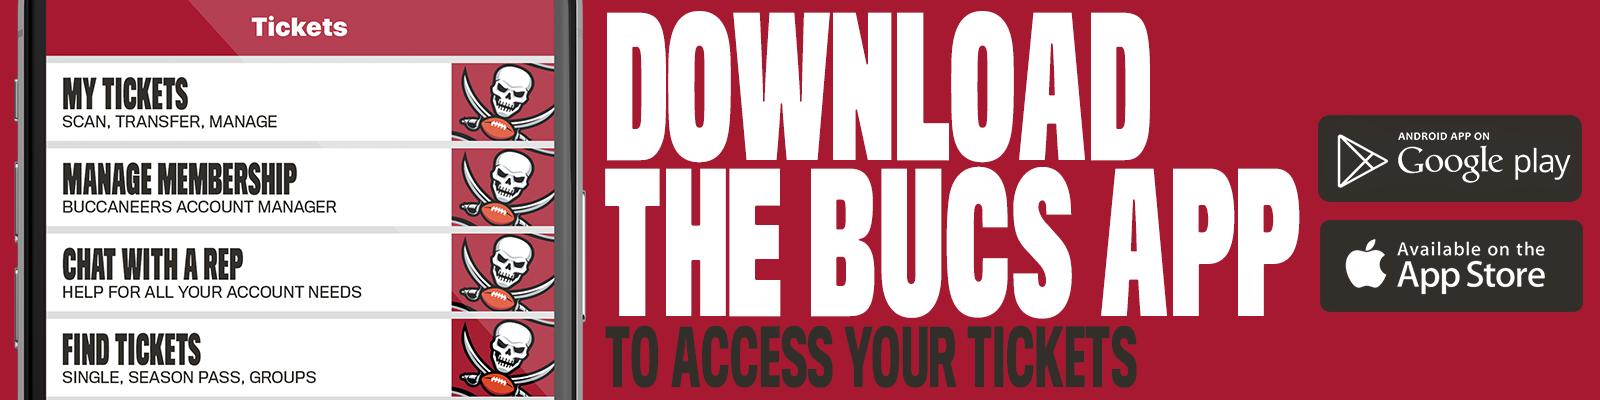 Download the Buccaneers App